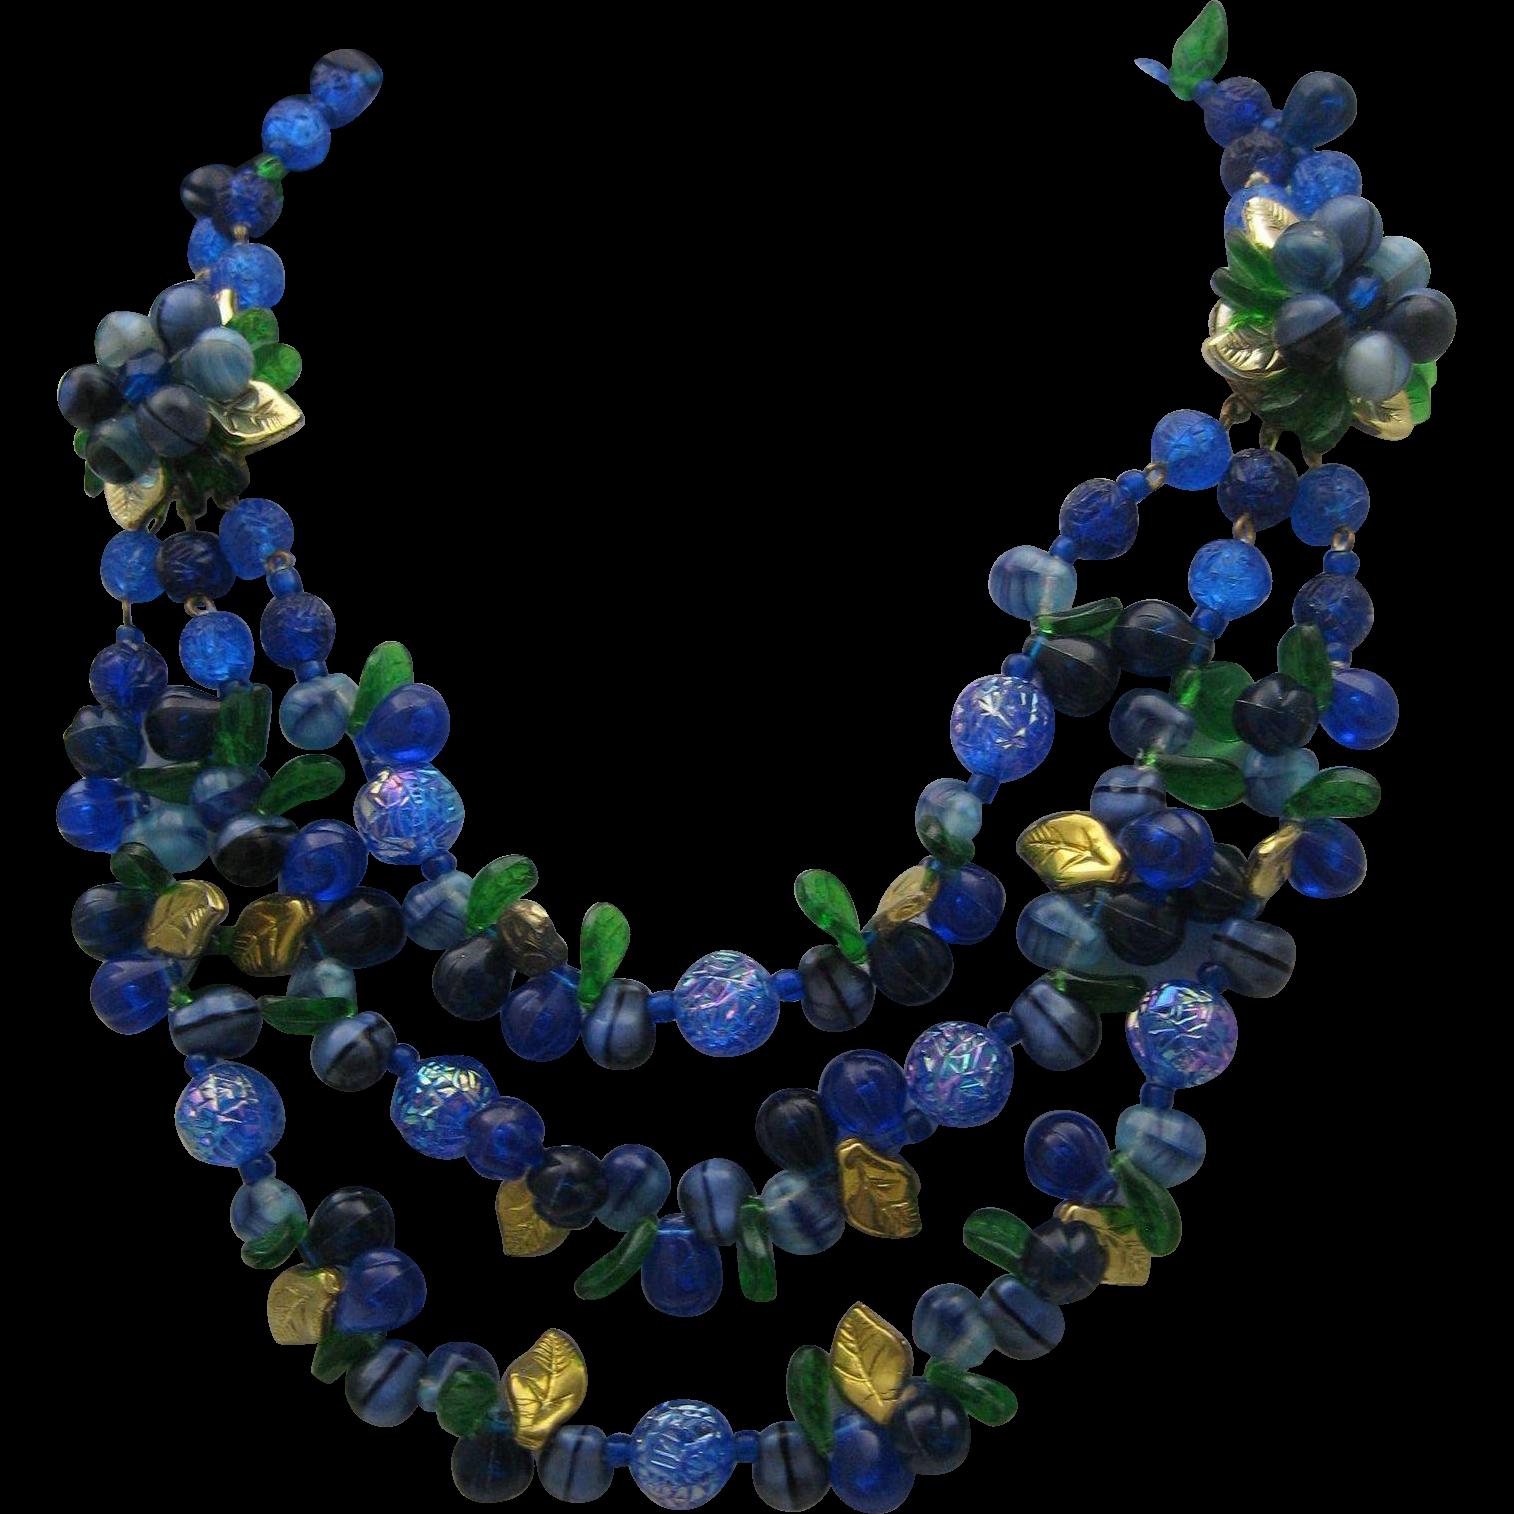 West Germany Jewel Tone Necklace 1950